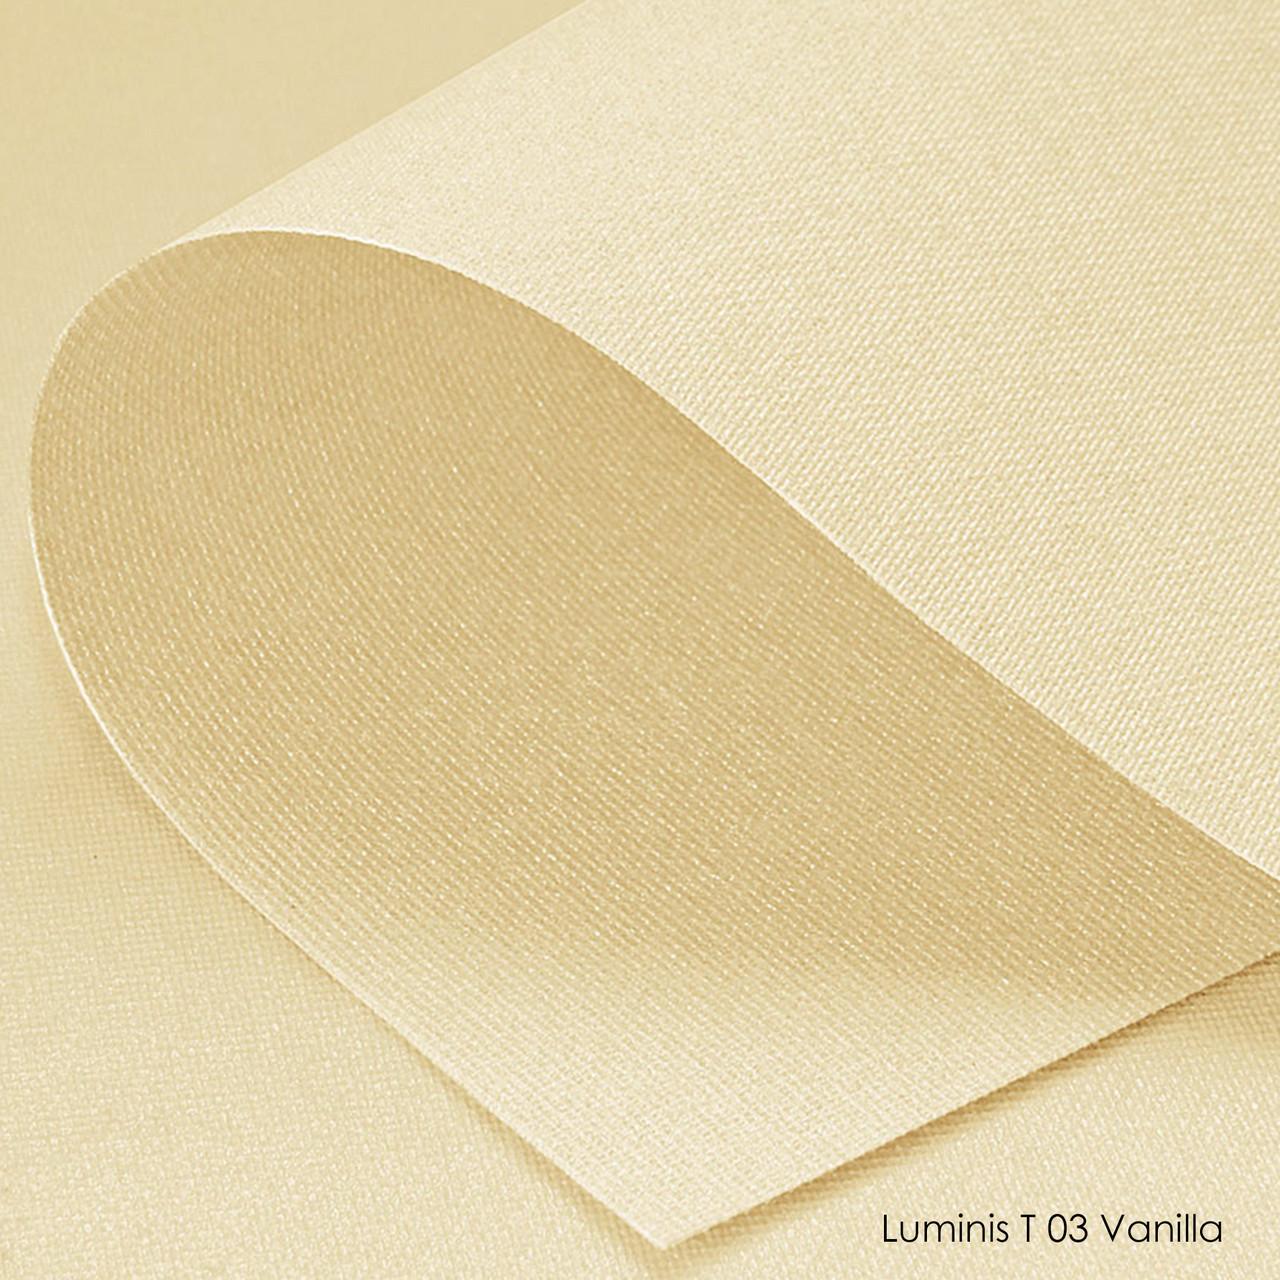 Ролети тканинні Залишившись T-03 vanilla